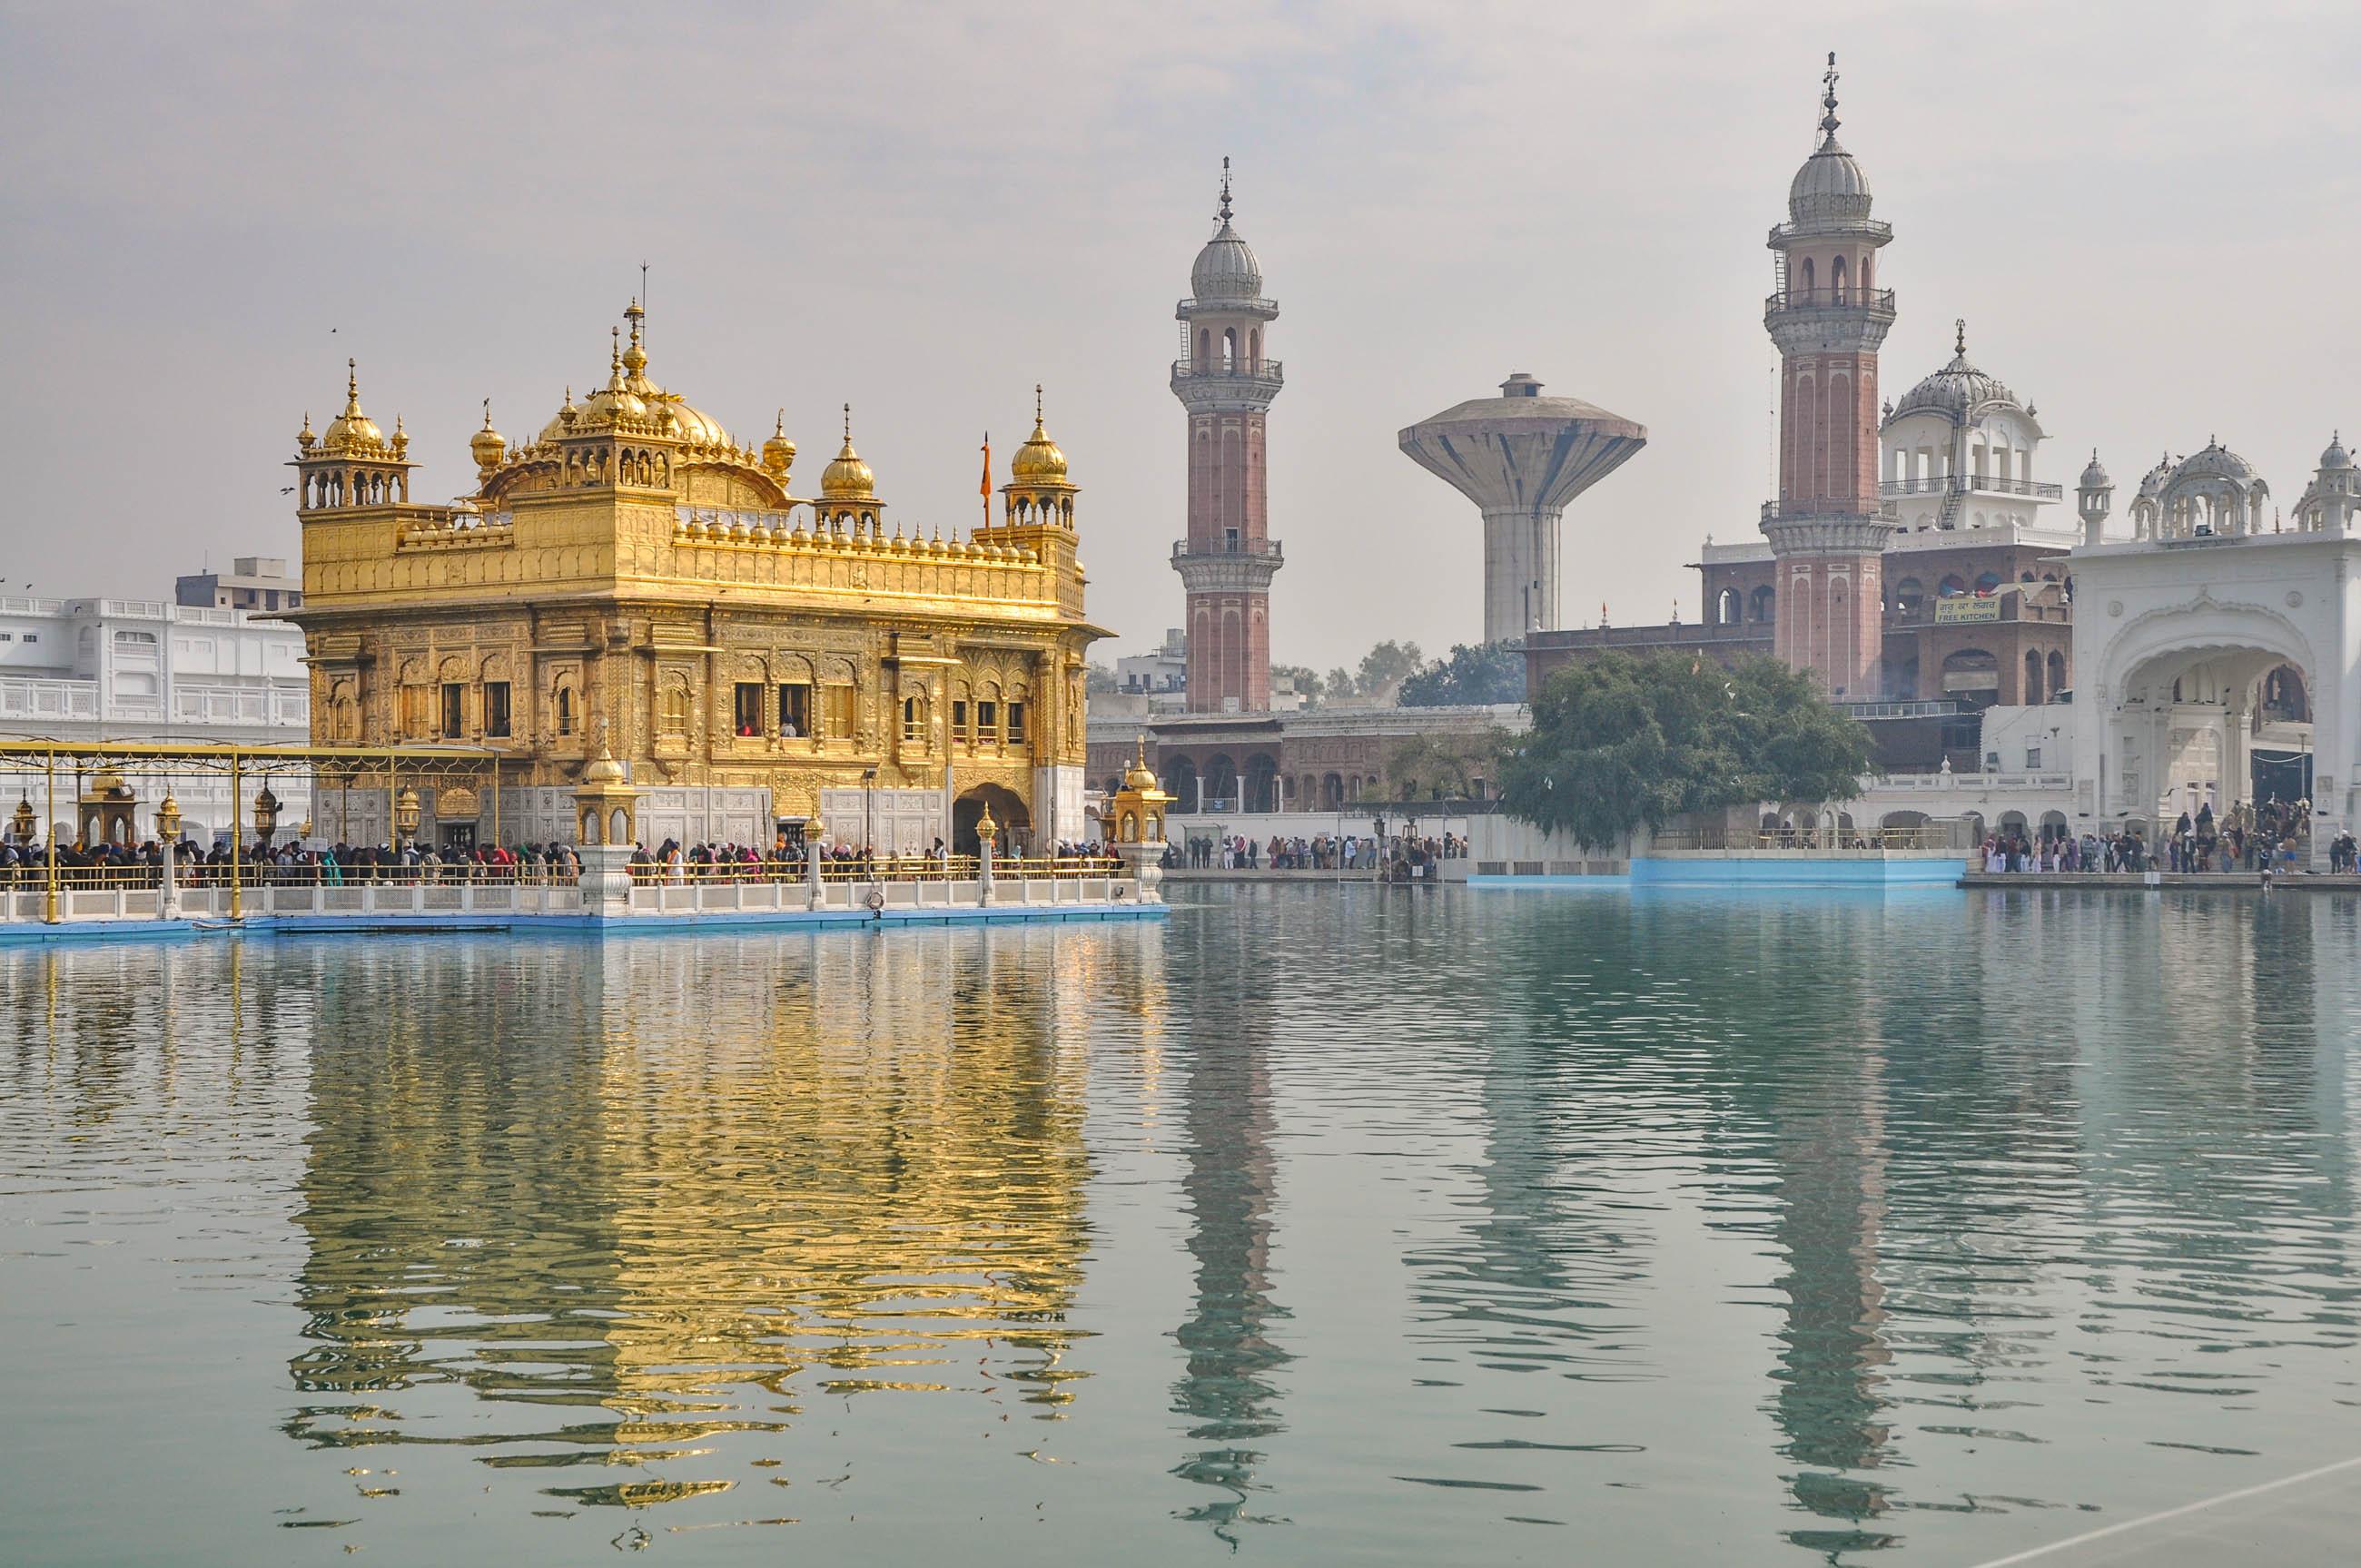 https://bubo.sk/uploads/galleries/4920/tomas_kubus_india_amritsar_dsc_0143.jpg